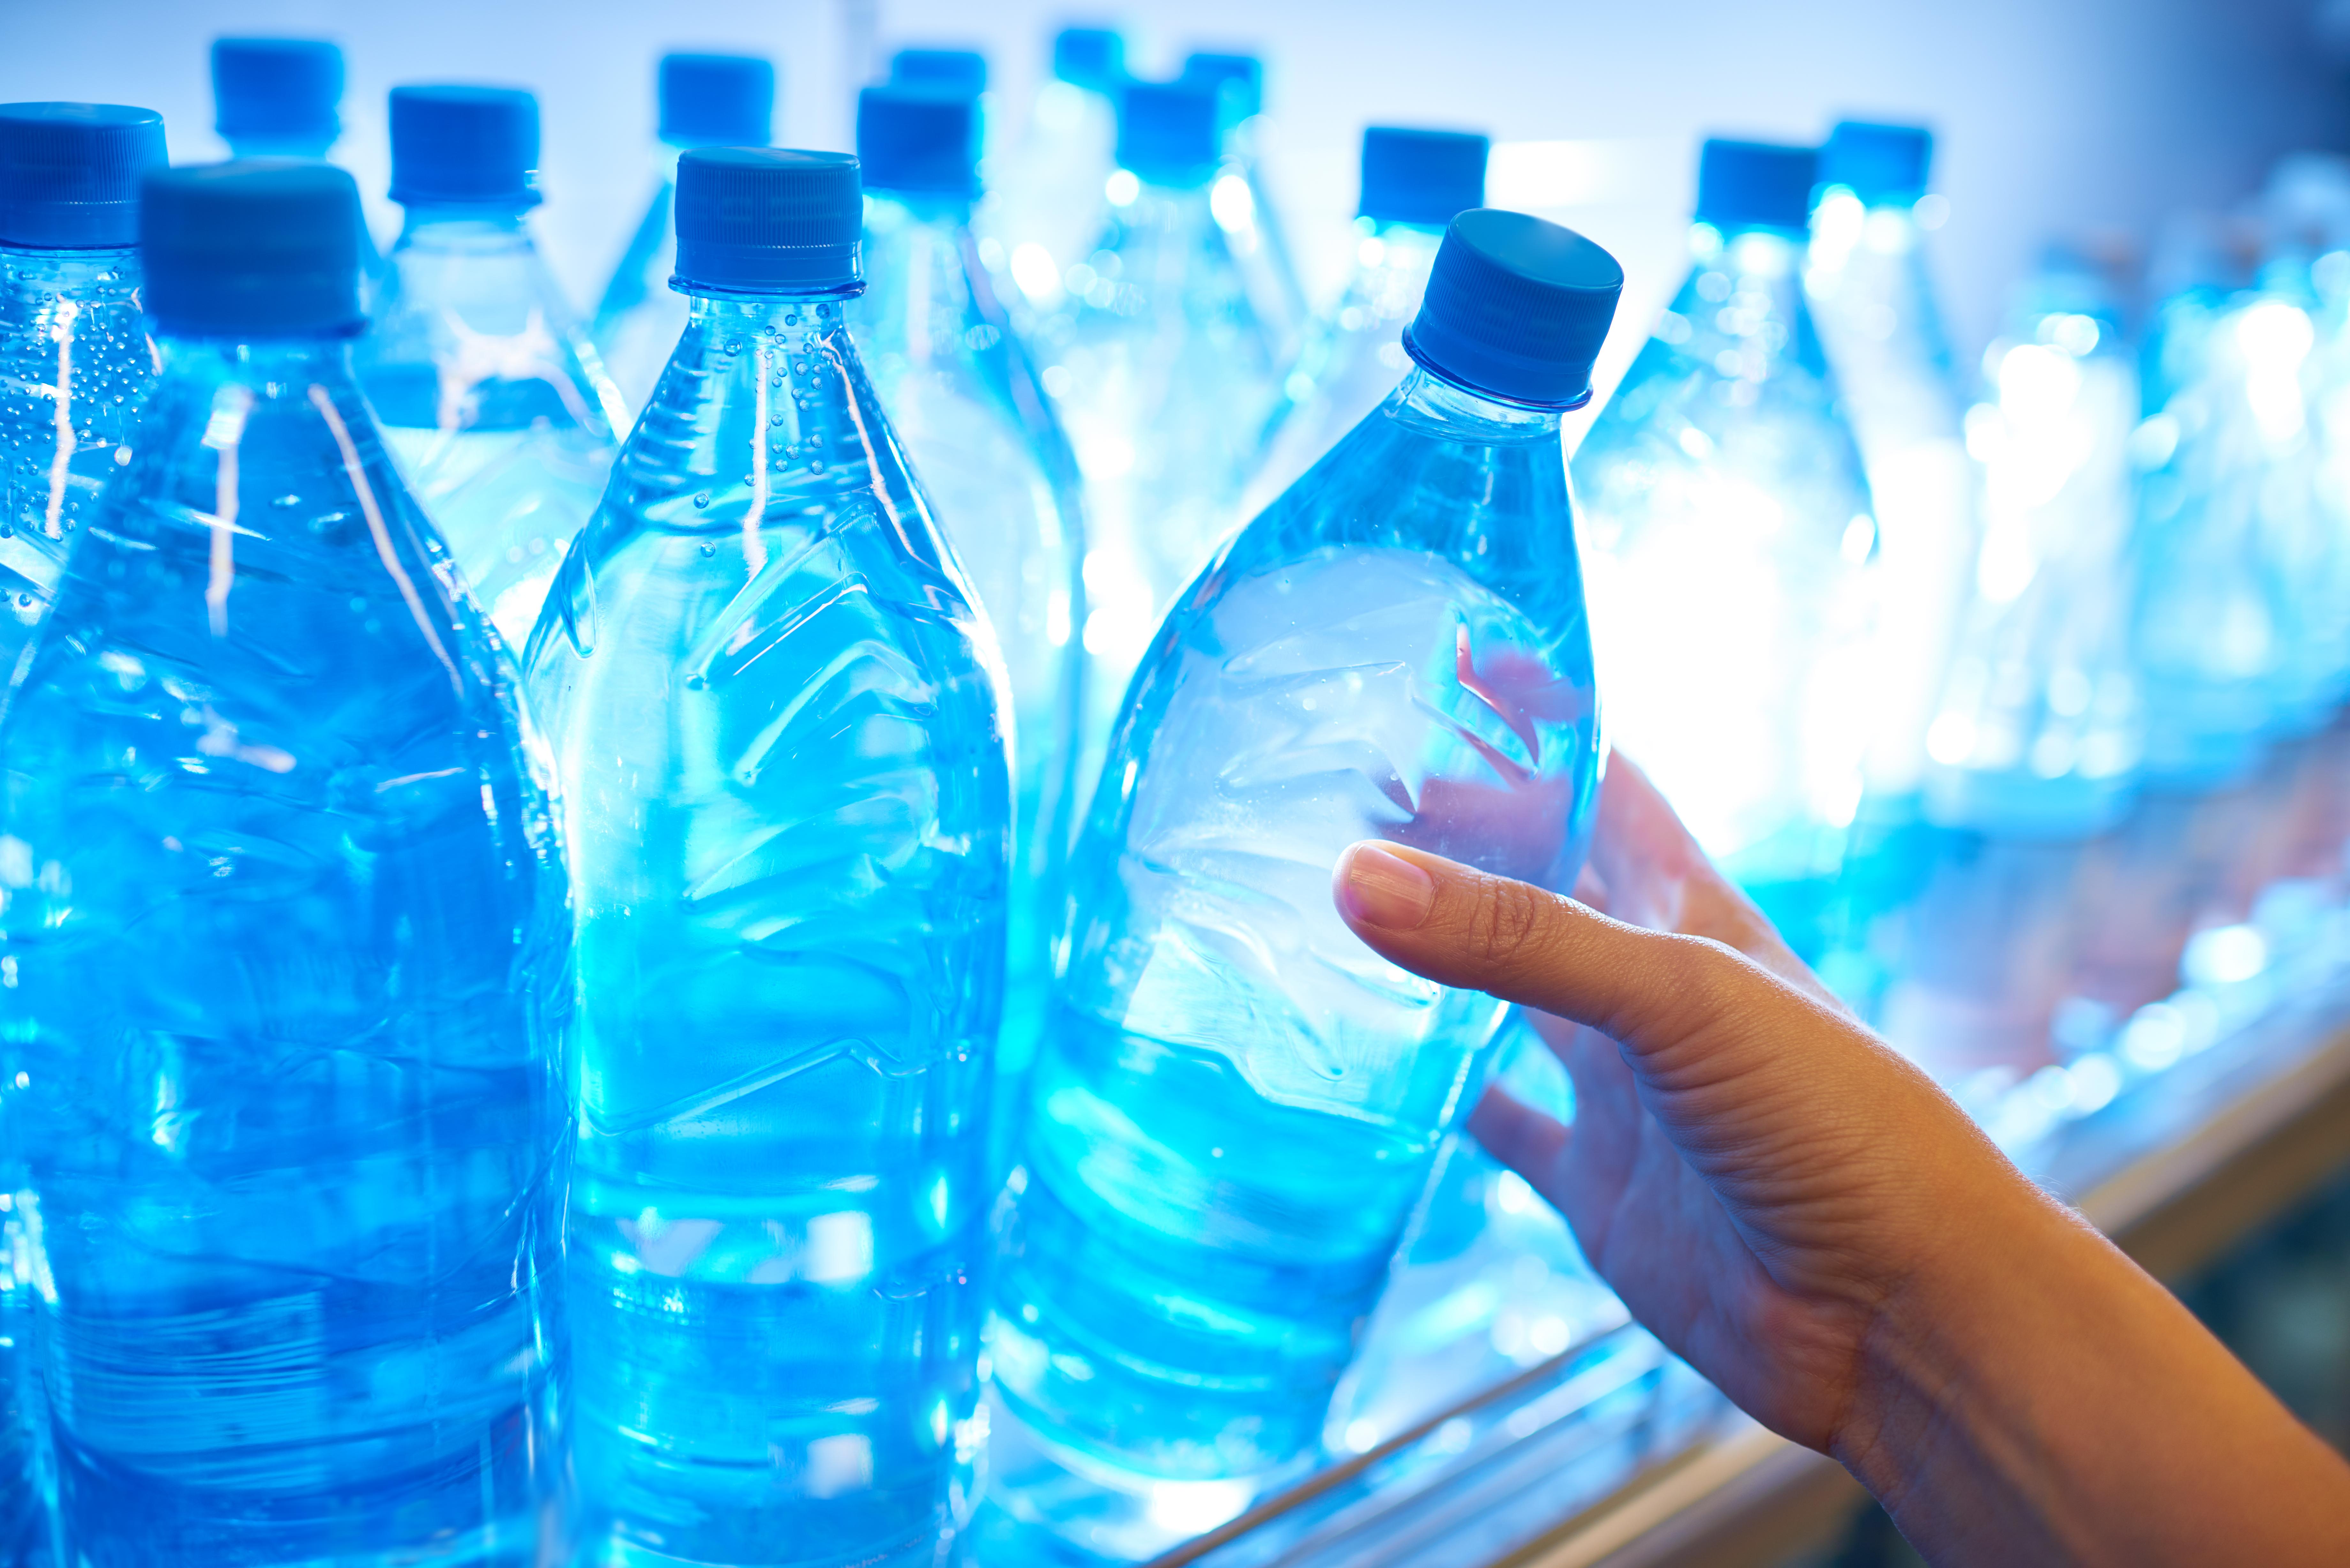 <p><strong>Бутилирана вода</strong>&nbsp;</p>  <p>Ако живеете в град, в който чешмяната вода е годна за пиене не е необходимо да купувате постоянно бутилирана вода. Може да се оборудвате и с филтърна кана, която ще ви спести харченето на пари за бутилирана вода. Отделно от това ще спестите и на Земята замърсяването с пластмасови шишета.&nbsp;</p>